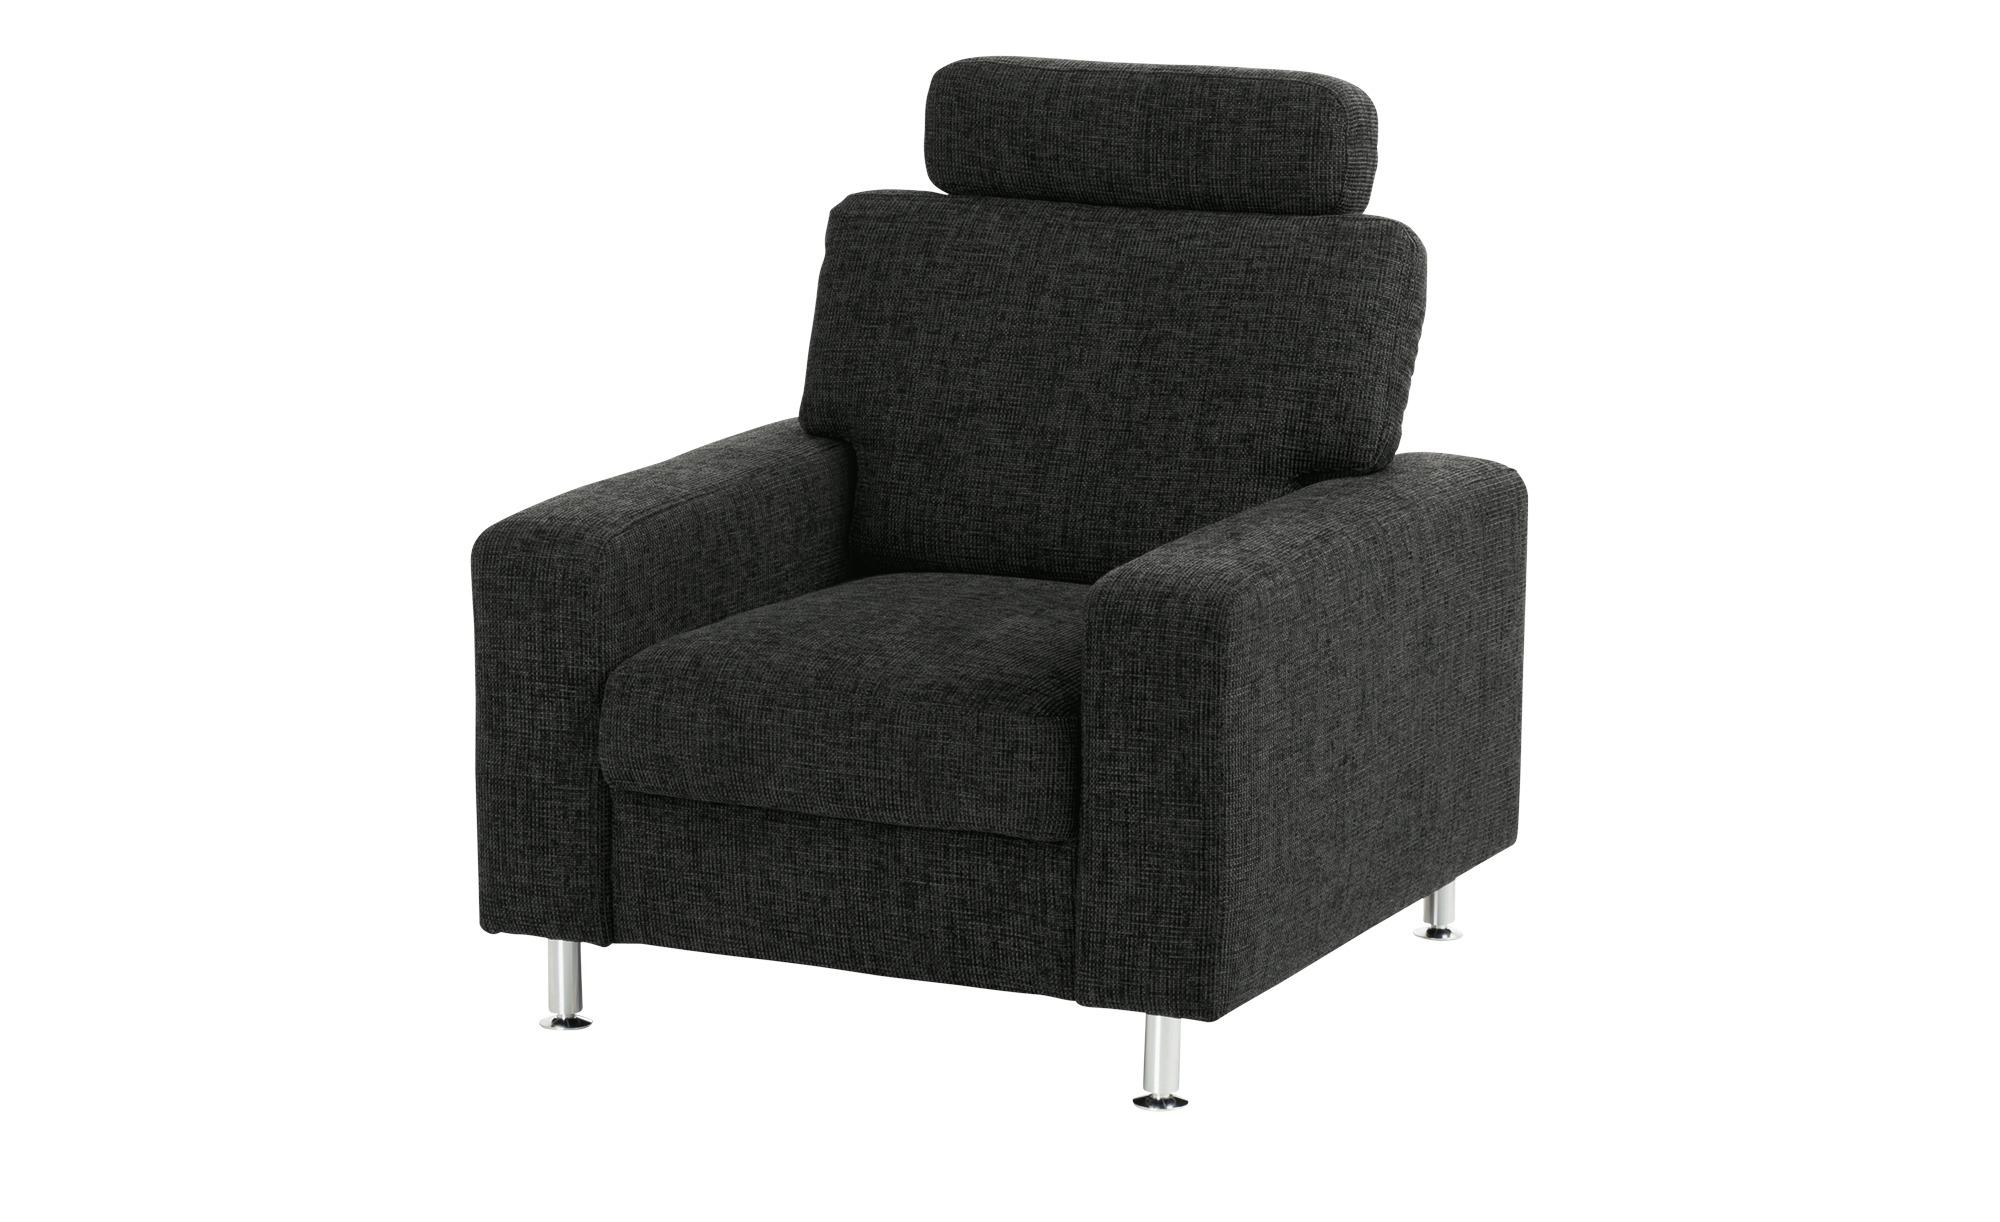 meinSofa Polstersessel   Jana ¦ schwarz ¦ Maße (cm): B: 88 H: 85 T: 95 Polstermöbel > Sessel > Polstersessel - Höffner